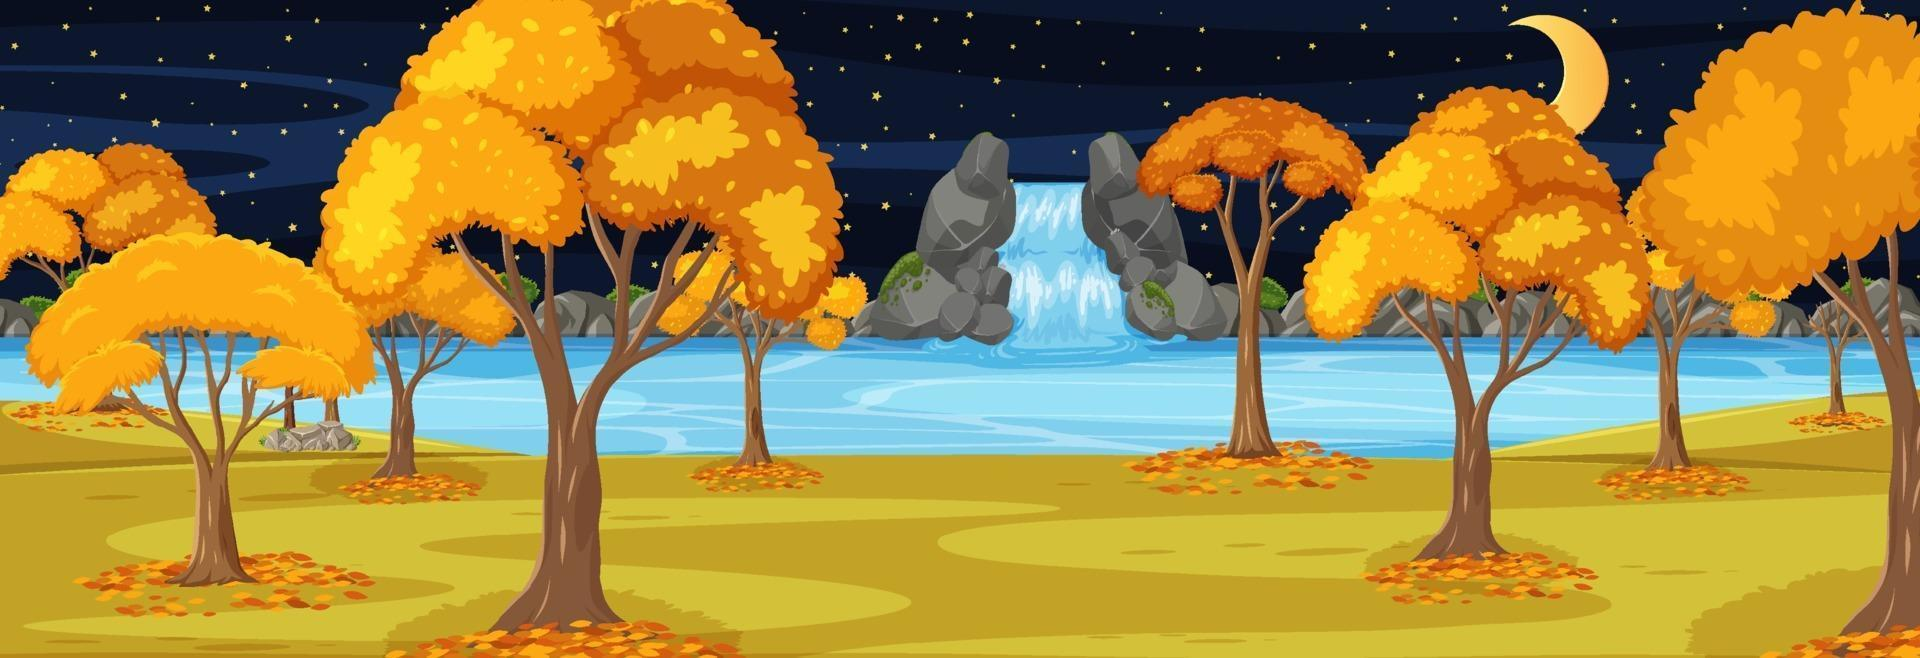 parque en temporada de otoño escena horizontal por la noche vector